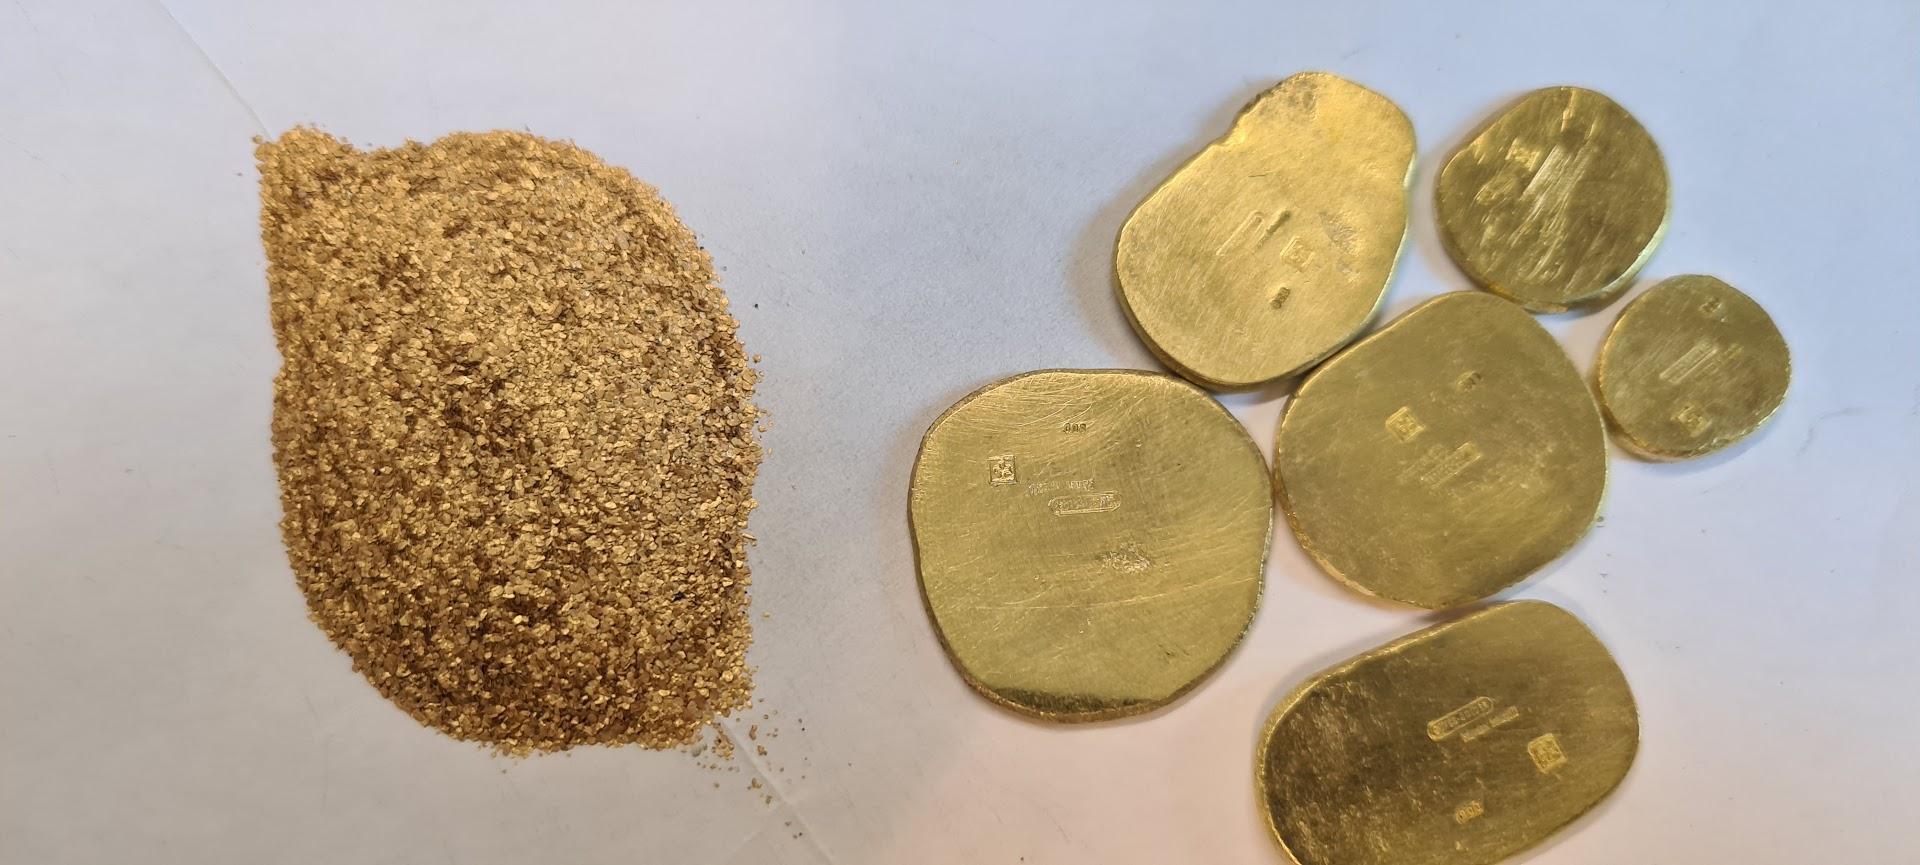 Goldbarren/Tropfen zur Weiterverarbeitung an Goldschmiede